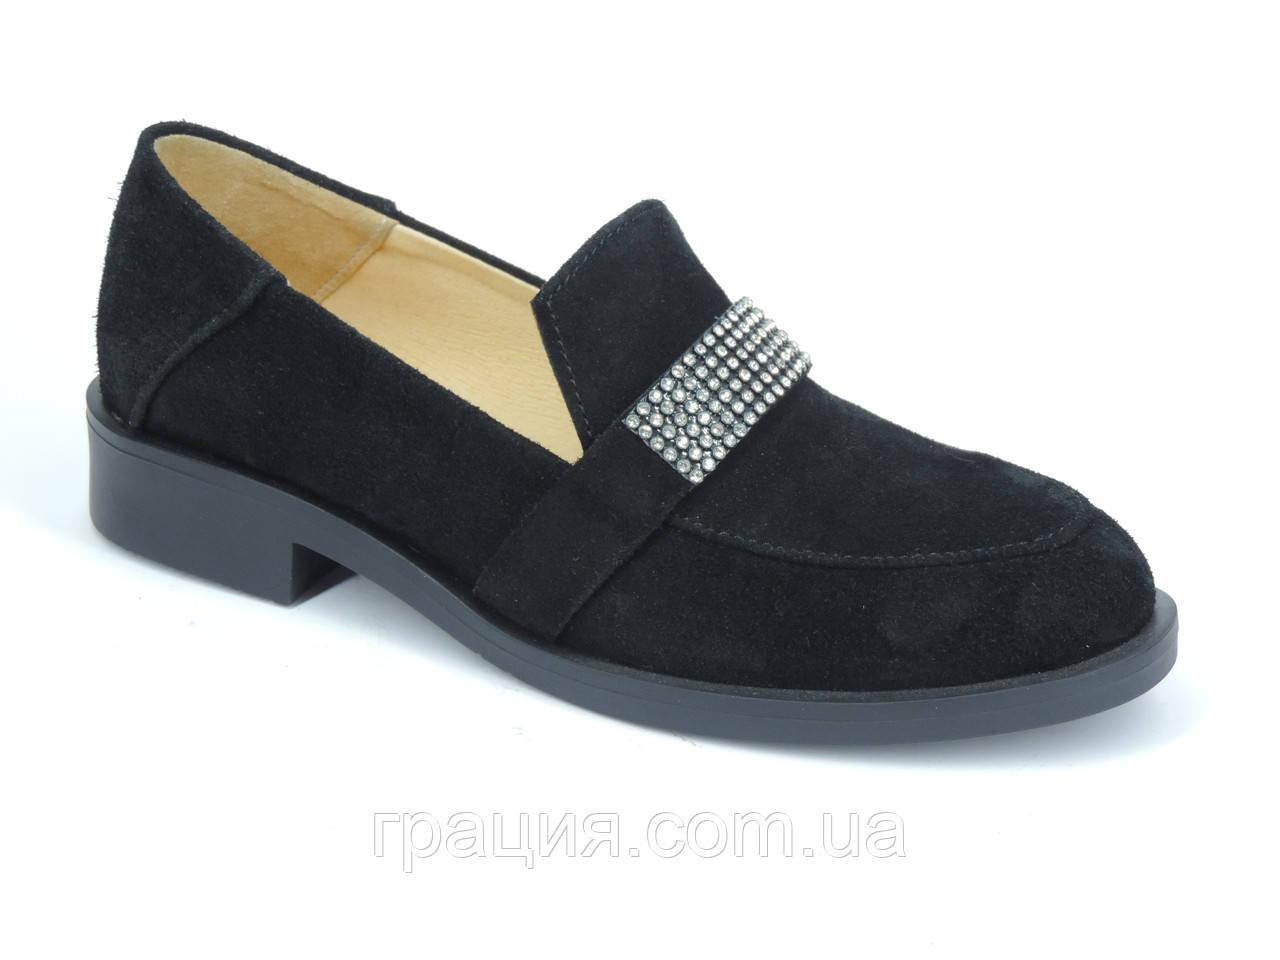 Стильні жіночі замшеві туфлі лофери